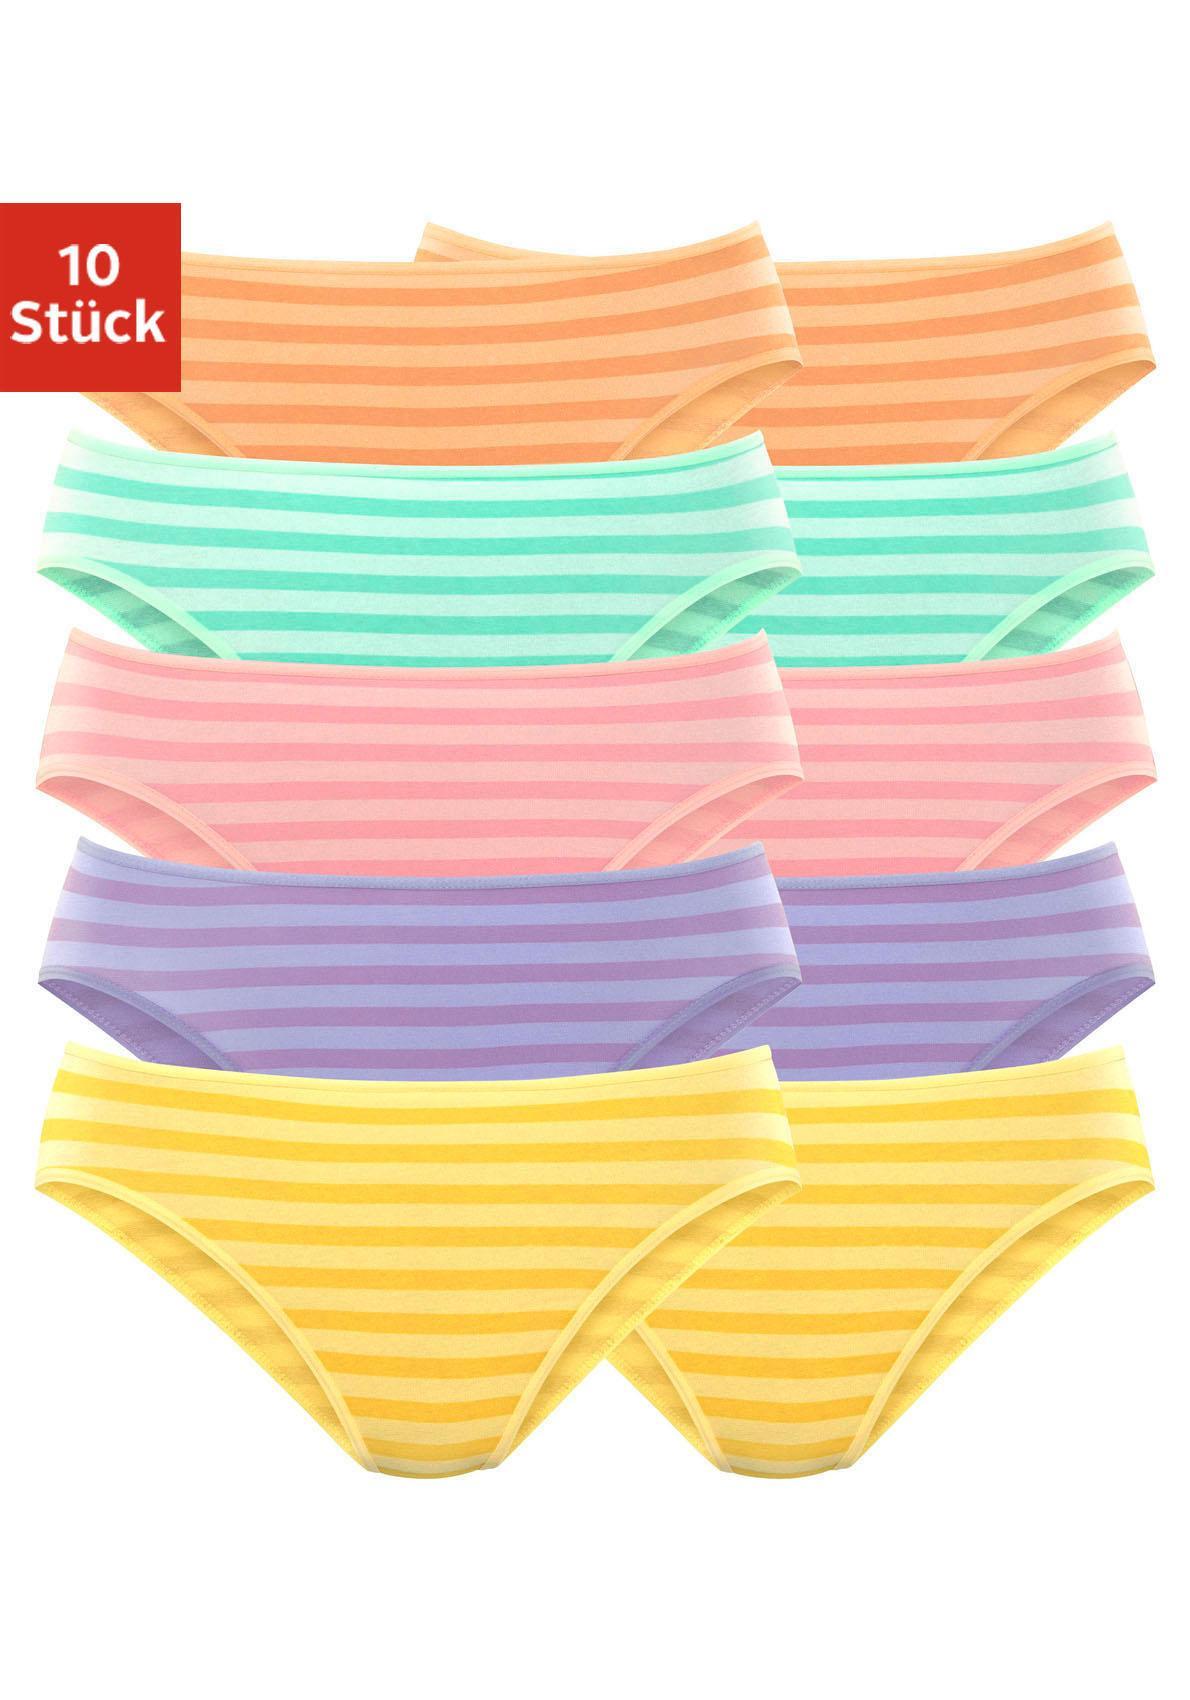 GO IN Bikinislips (10 Stück), in verschiedenen Farben mit Streifen